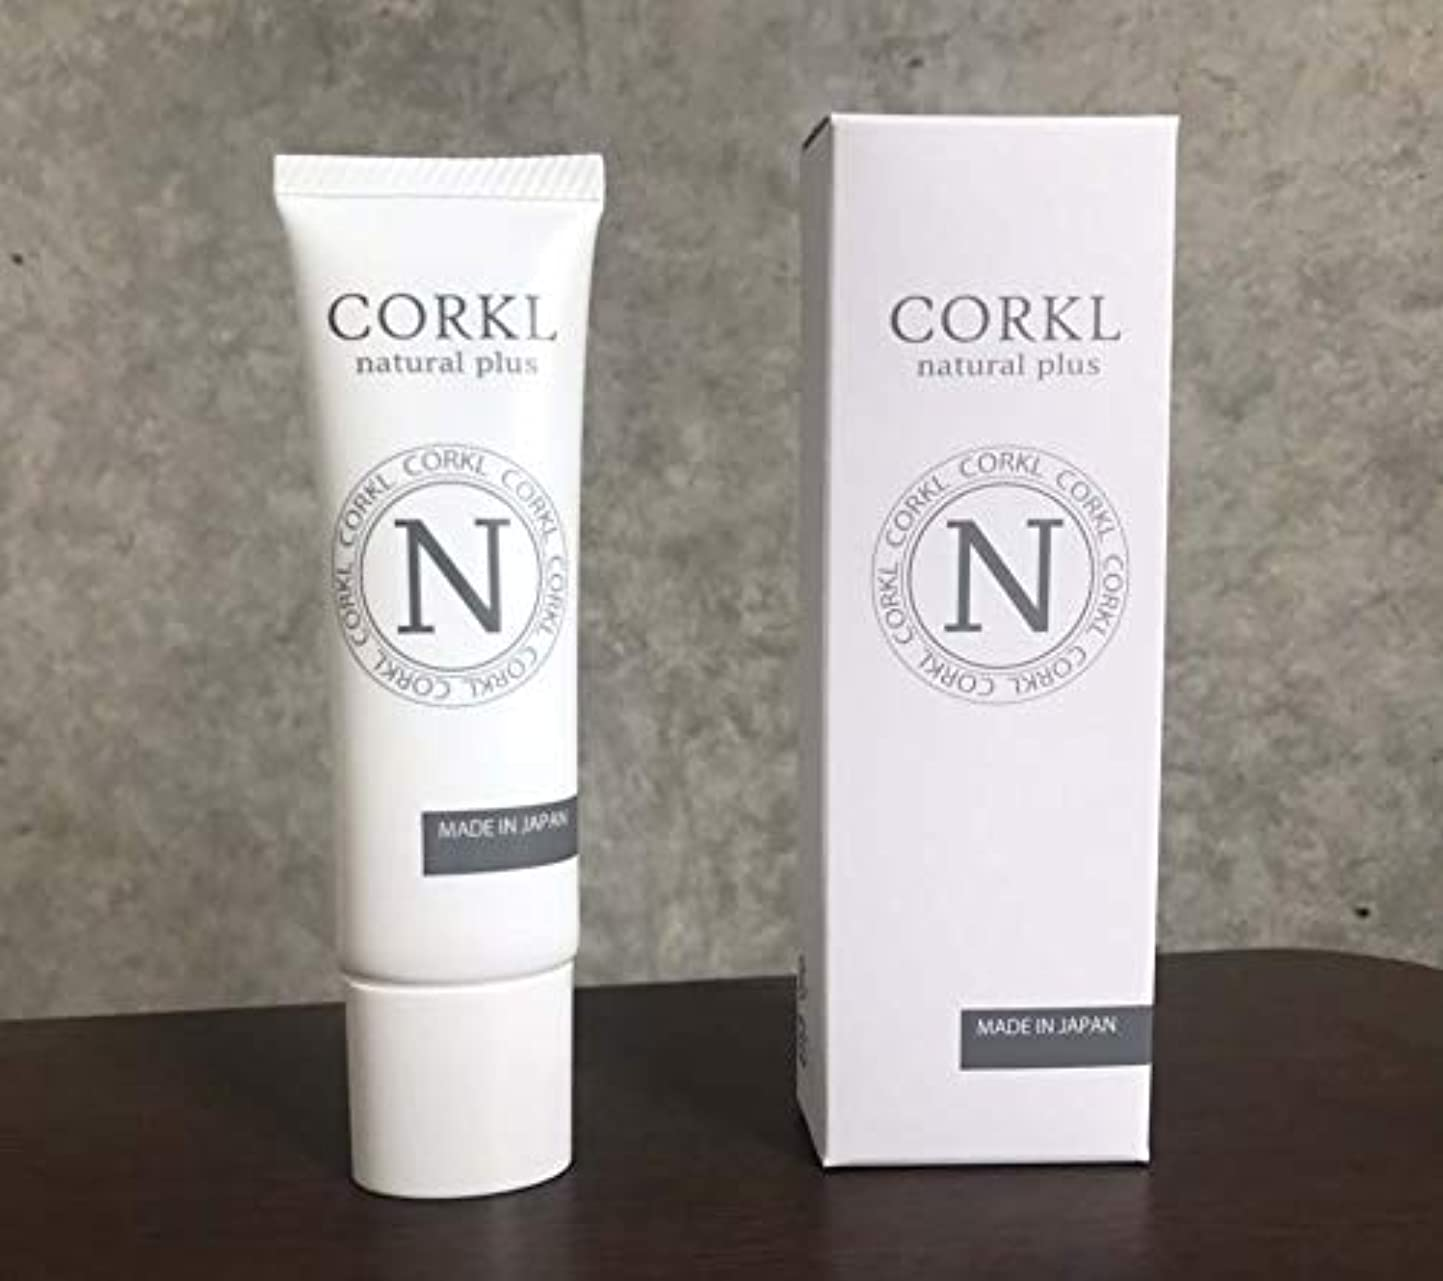 中庭解説支配的コルクルナチュルクリーム(CORKL)手汗?顔汗に悩む方向けに開発された国産化粧品